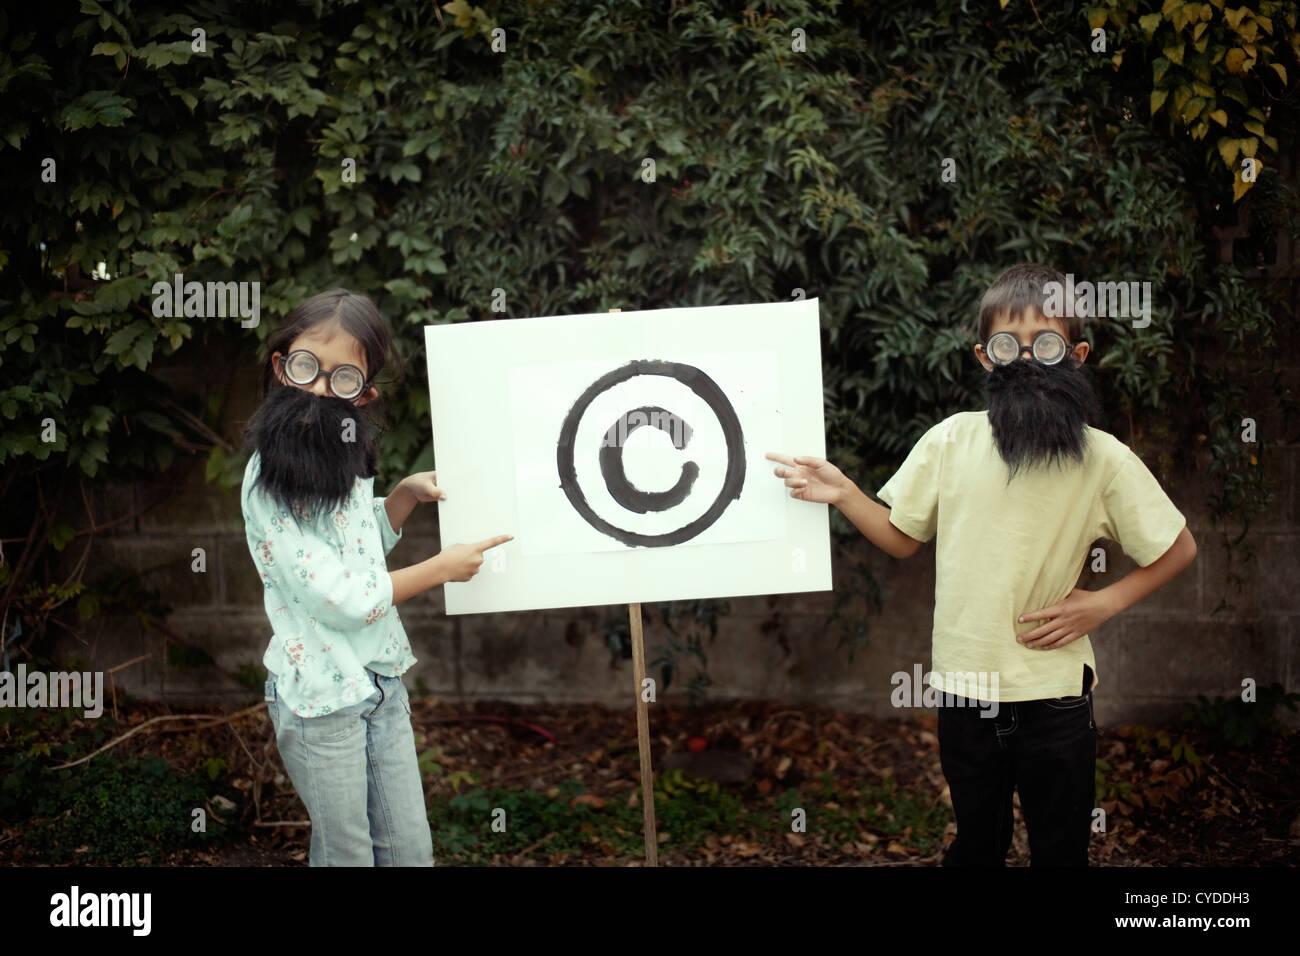 Jungen und Mädchen verkleidet mit Punkt, falsche Bärte um copyright-Symbol. Stockbild